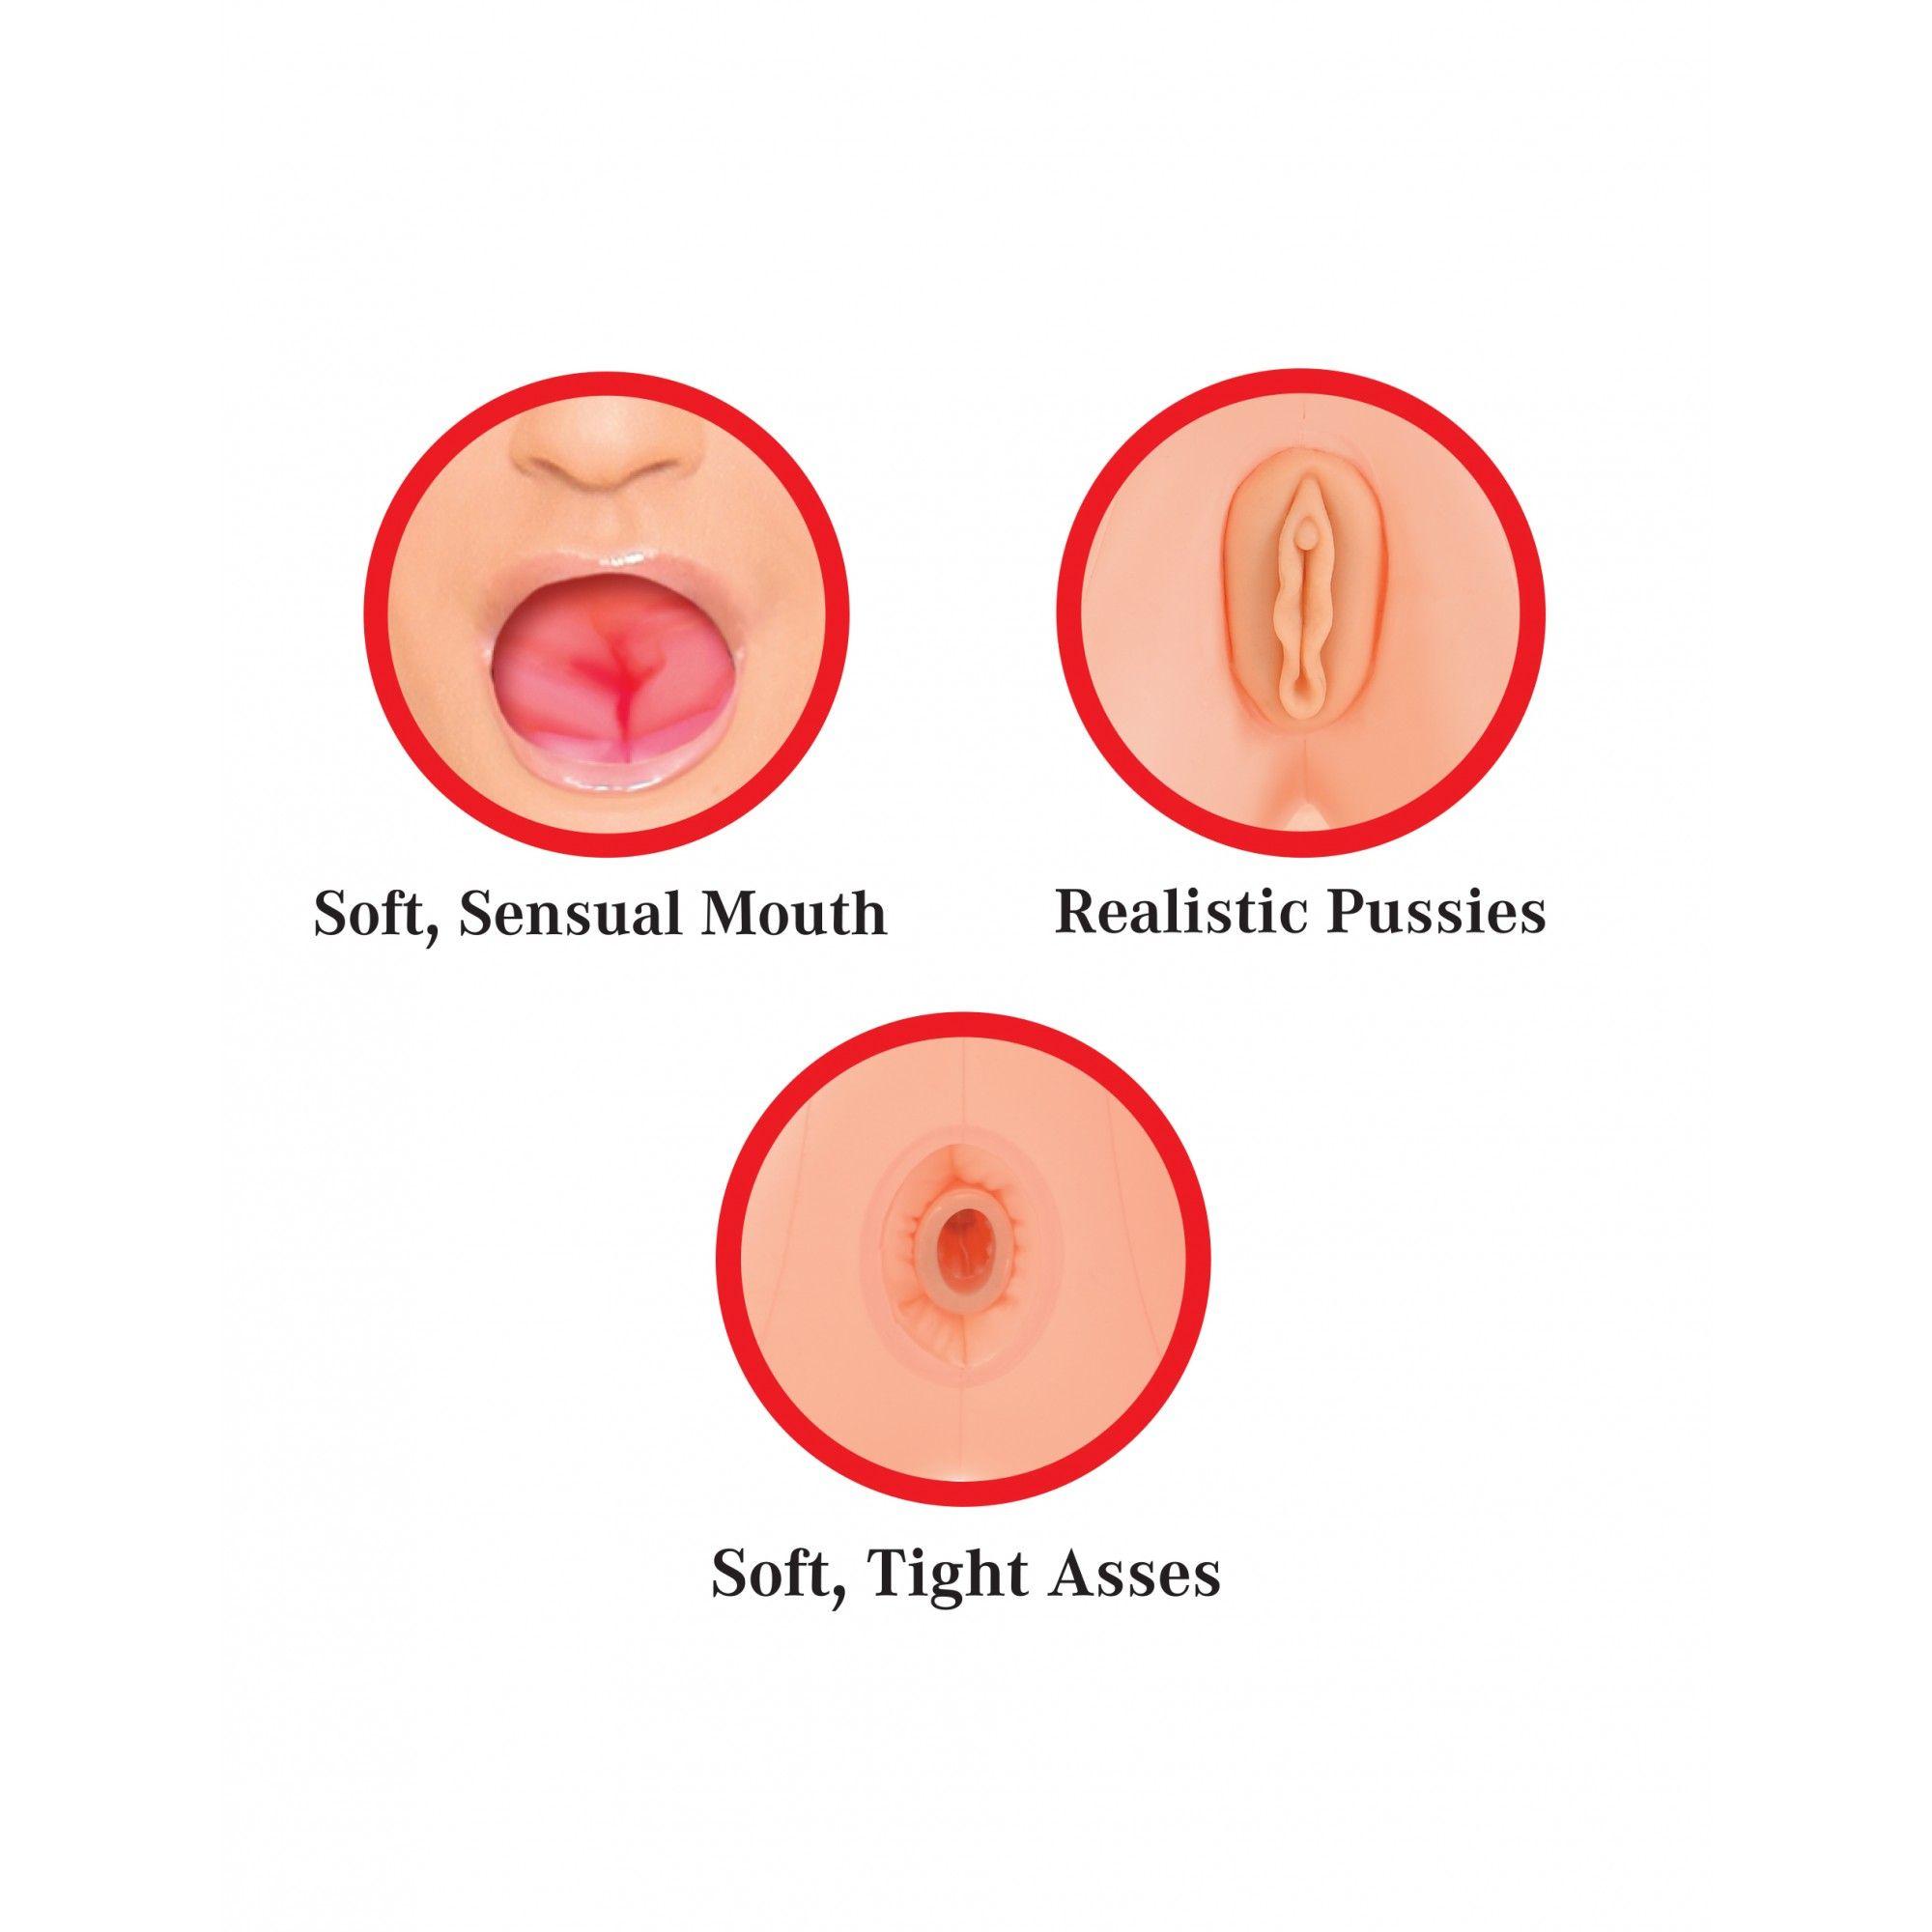 realistisk dildo sexiga underkläder kvinnor